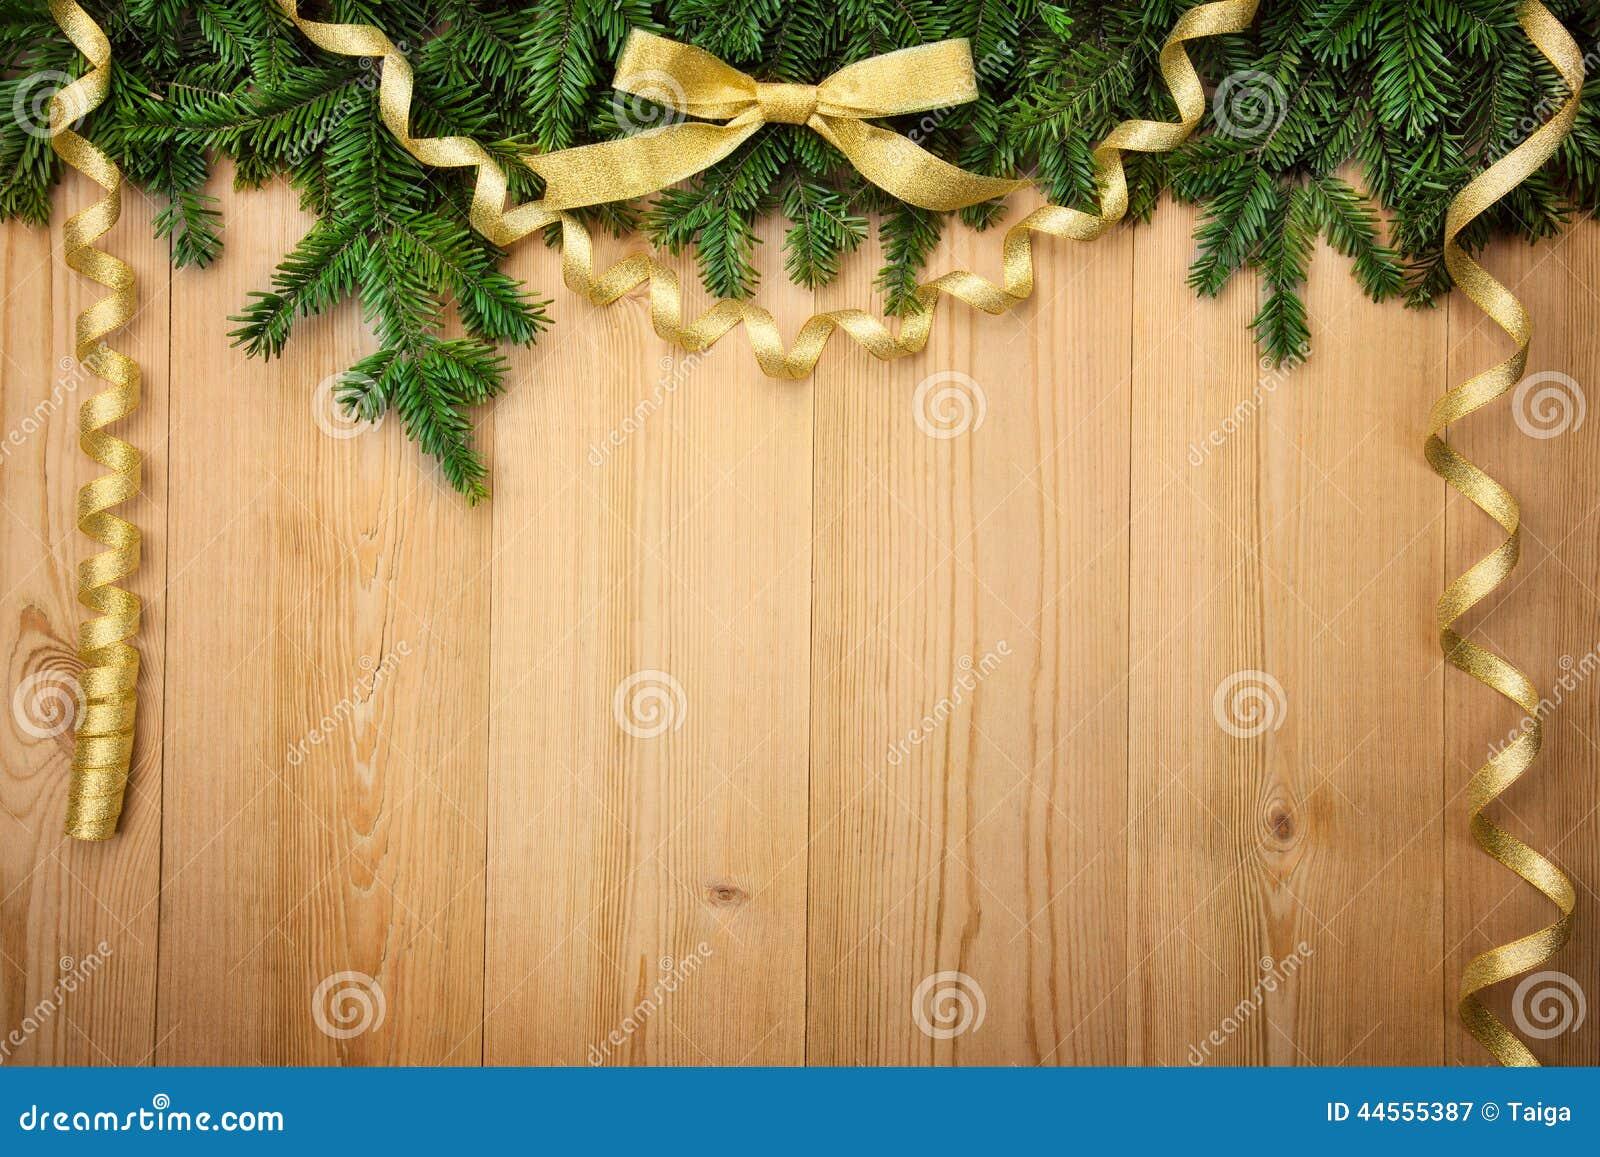 Fondo de la Navidad con el abeto, el arco y las cintas en la madera